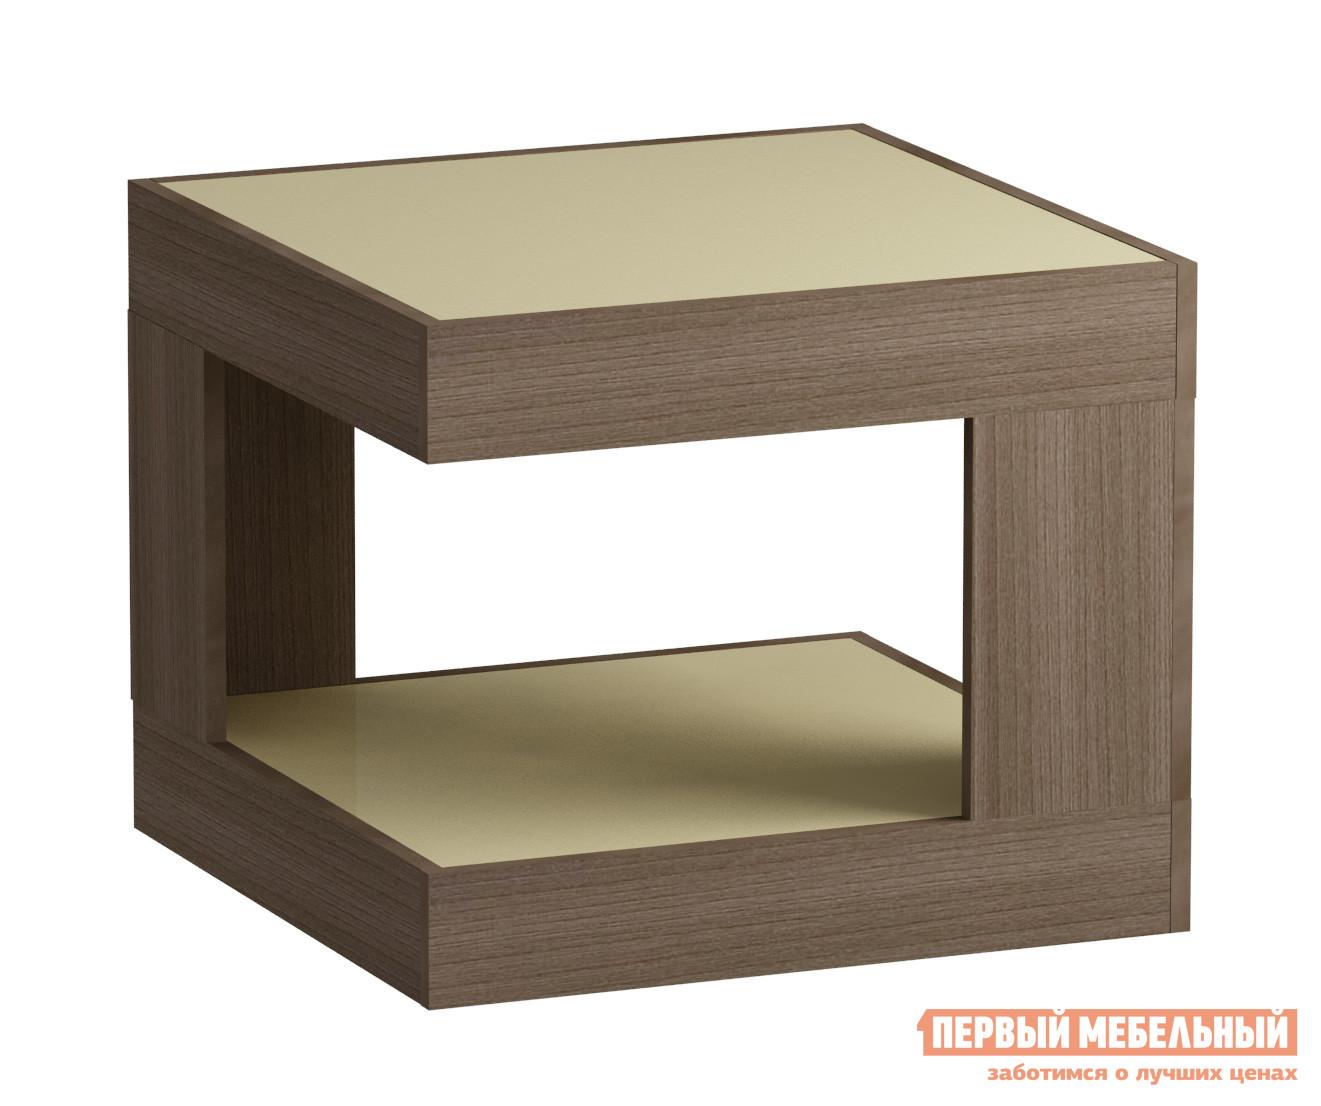 Журнальный столик Мебель Импэкс Leset LS 746 Ясень Шимо темный / Кремовое стеклоЖурнальные столики<br>Габаритные размеры ВхШхГ 500x600x600 мм. Квадратный журнальный столик для гостиной или спальни.  Большая столешница позволяет сервировать чай к приходу гостей.  На нижней полке удобно держать нужные под рукой вещи.  Оригинальная геометрия в дизайне модели делает ее стильным элементом как классического, так и современного интерьера. Корпус столика выполняется из ЛДСП, столешница и нижняя полка — стекло.<br><br>Цвет: Ясень Шимо темный / Кремовое стекло<br>Цвет: Бежевый<br>Цвет: Коричневое дерево<br>Высота мм: 500<br>Ширина мм: 600<br>Глубина мм: 600<br>Кол-во упаковок: 1<br>Форма поставки: В разобранном виде<br>Срок гарантии: 1 год<br>Тип: Для офиса<br>Назначение: Для офиса, Для гостиной<br>Материал: Стеклянные, из ЛДСП<br>Форма: Квадратные<br>Размер: Маленькие<br>Высота: Низкие<br>Особенности: С полкой<br>Стиль: Модерн